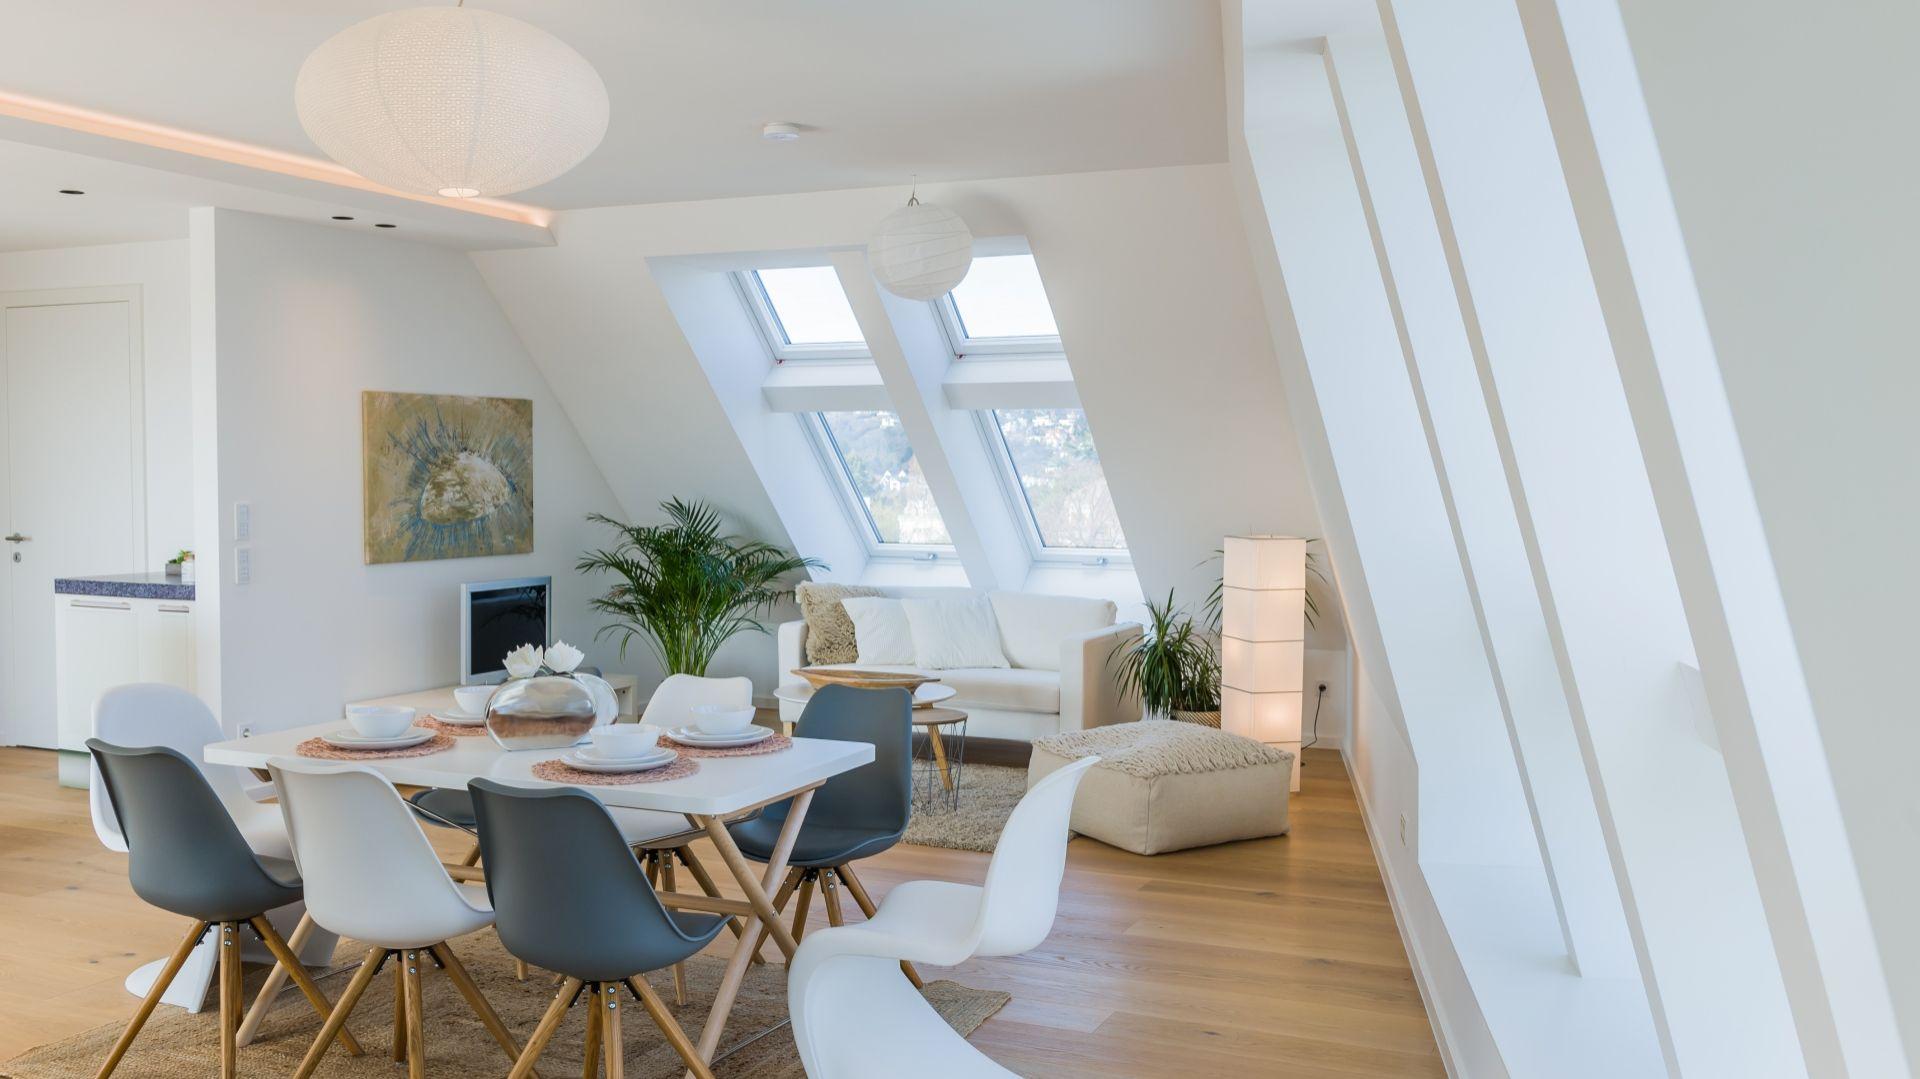 Okno uchylno-wysokoosiowe Designo R8 WD/Roto. Produkt zgłoszony do konkursu Dobry Design 2019.